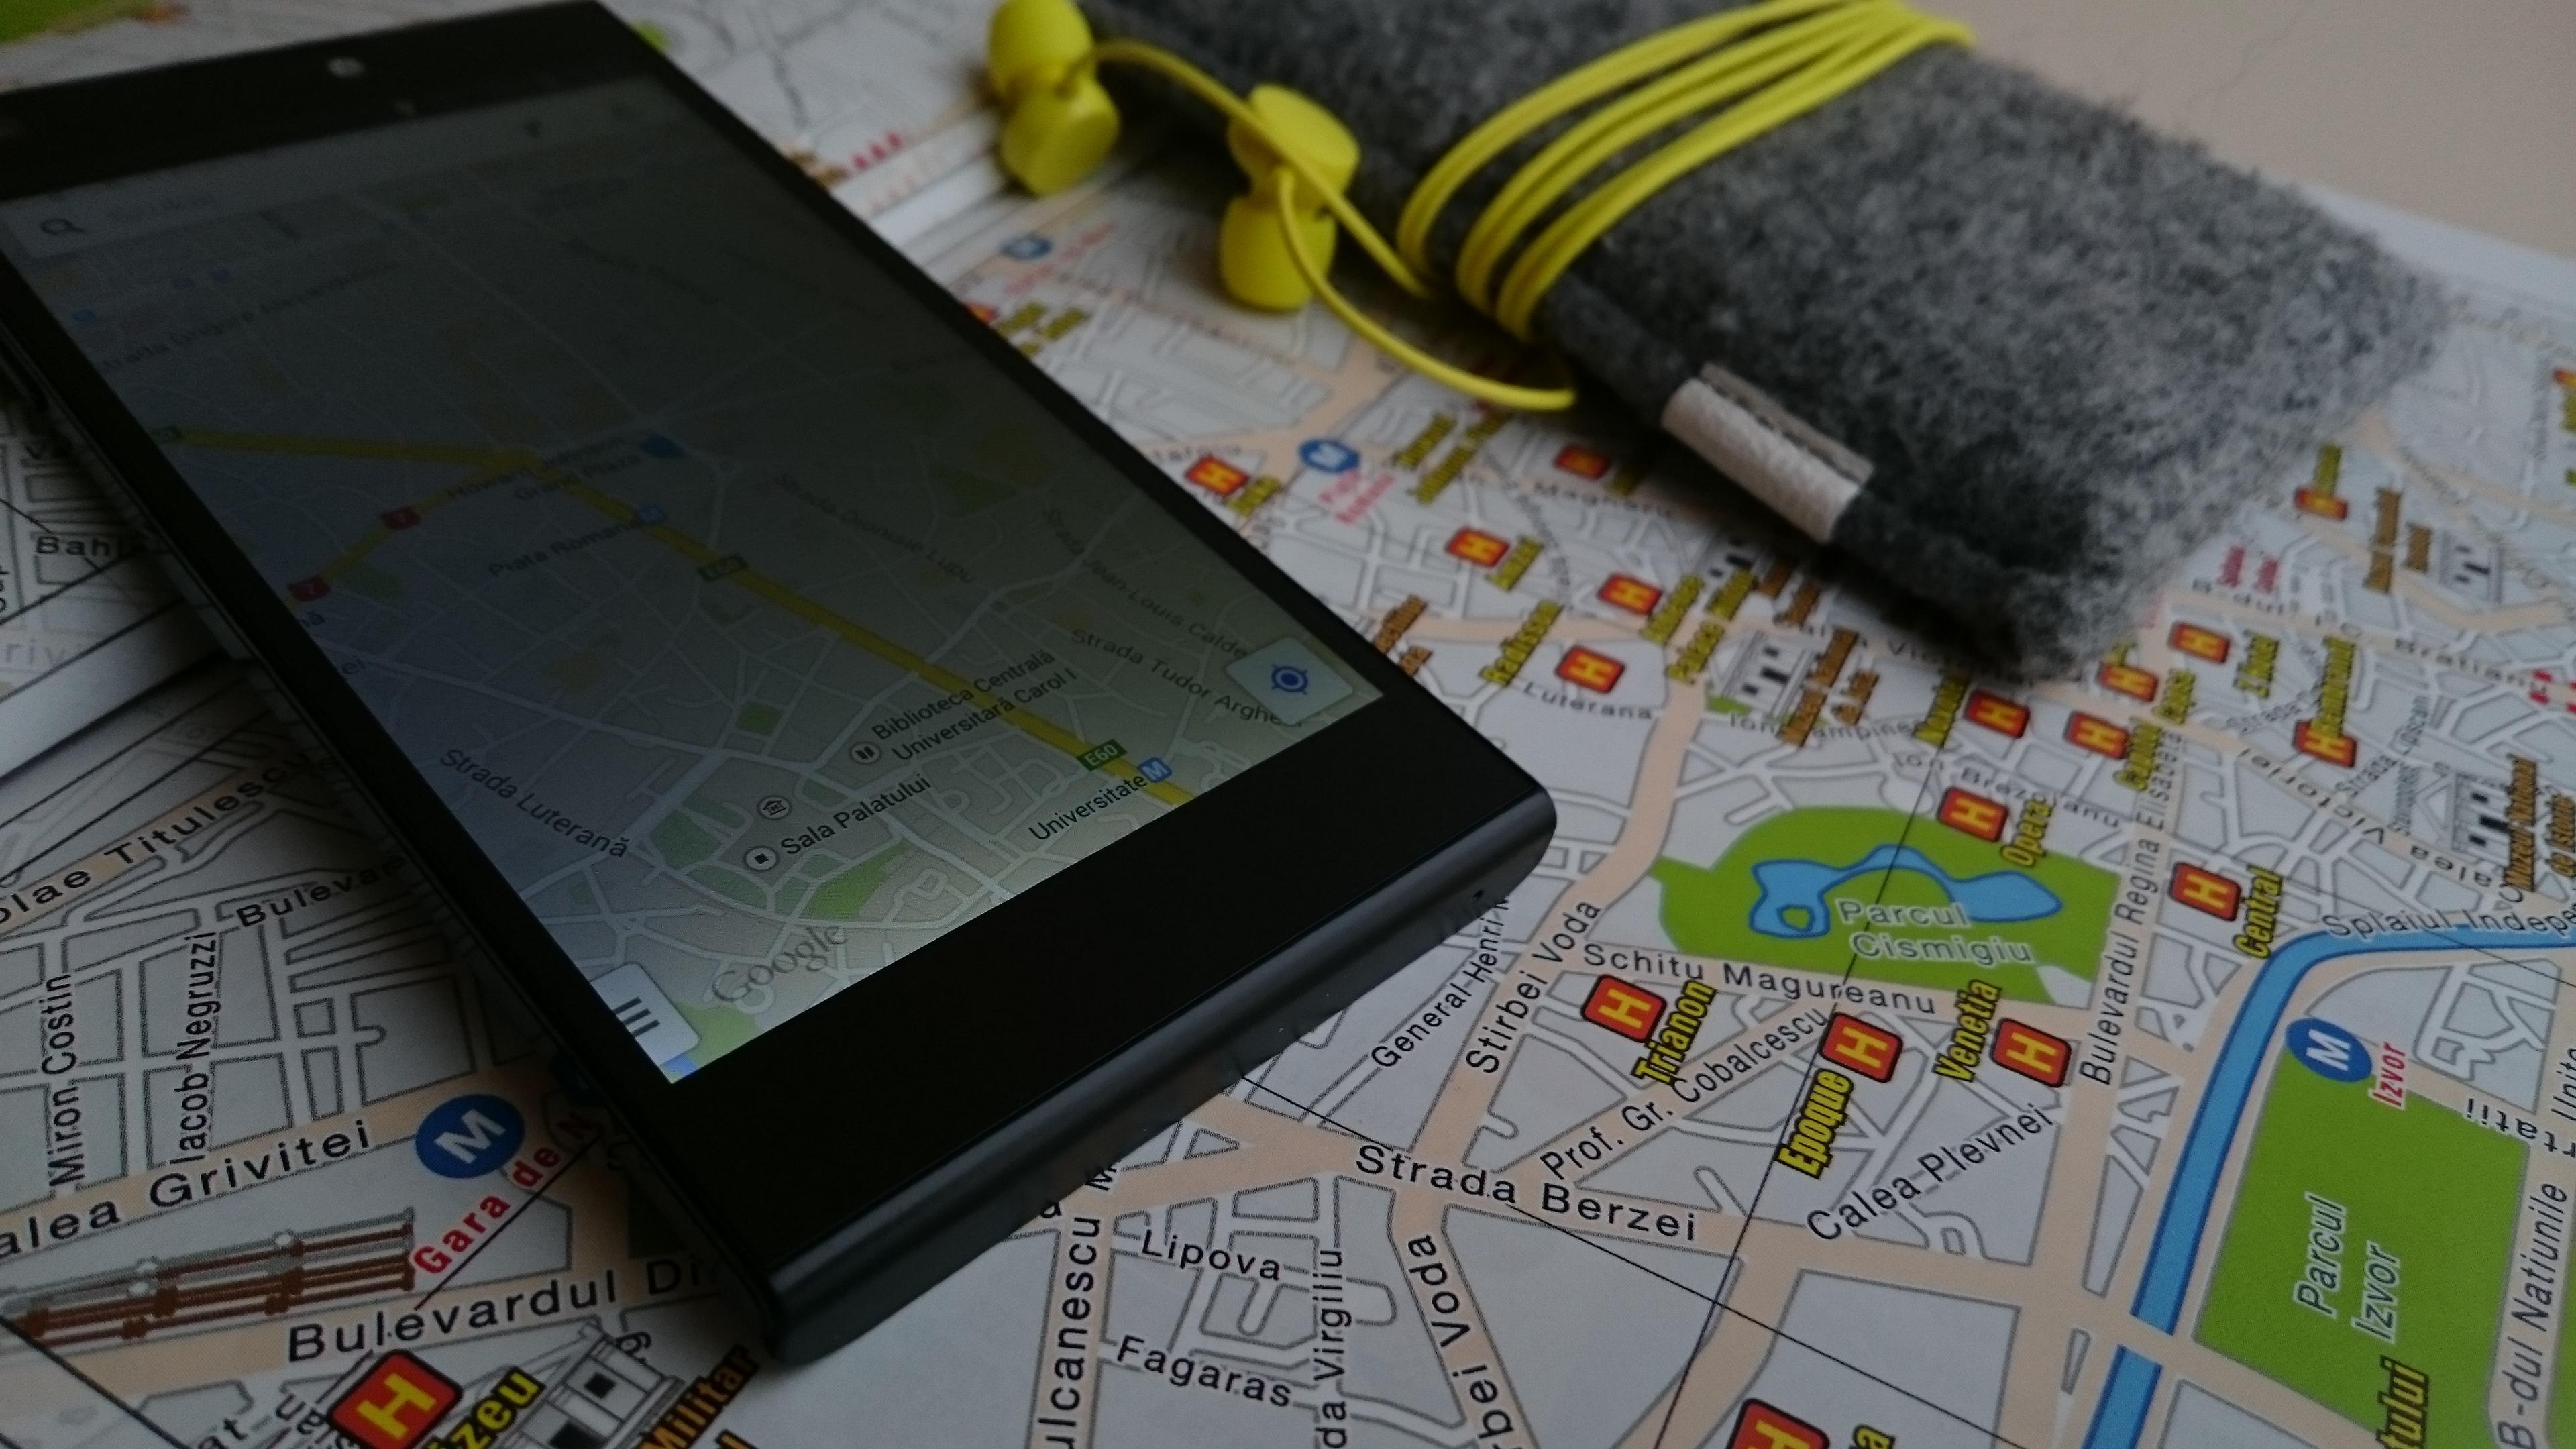 Do odważnych świat należy – Kruger&Matz udostępnia aktualizację do Androida 4.4